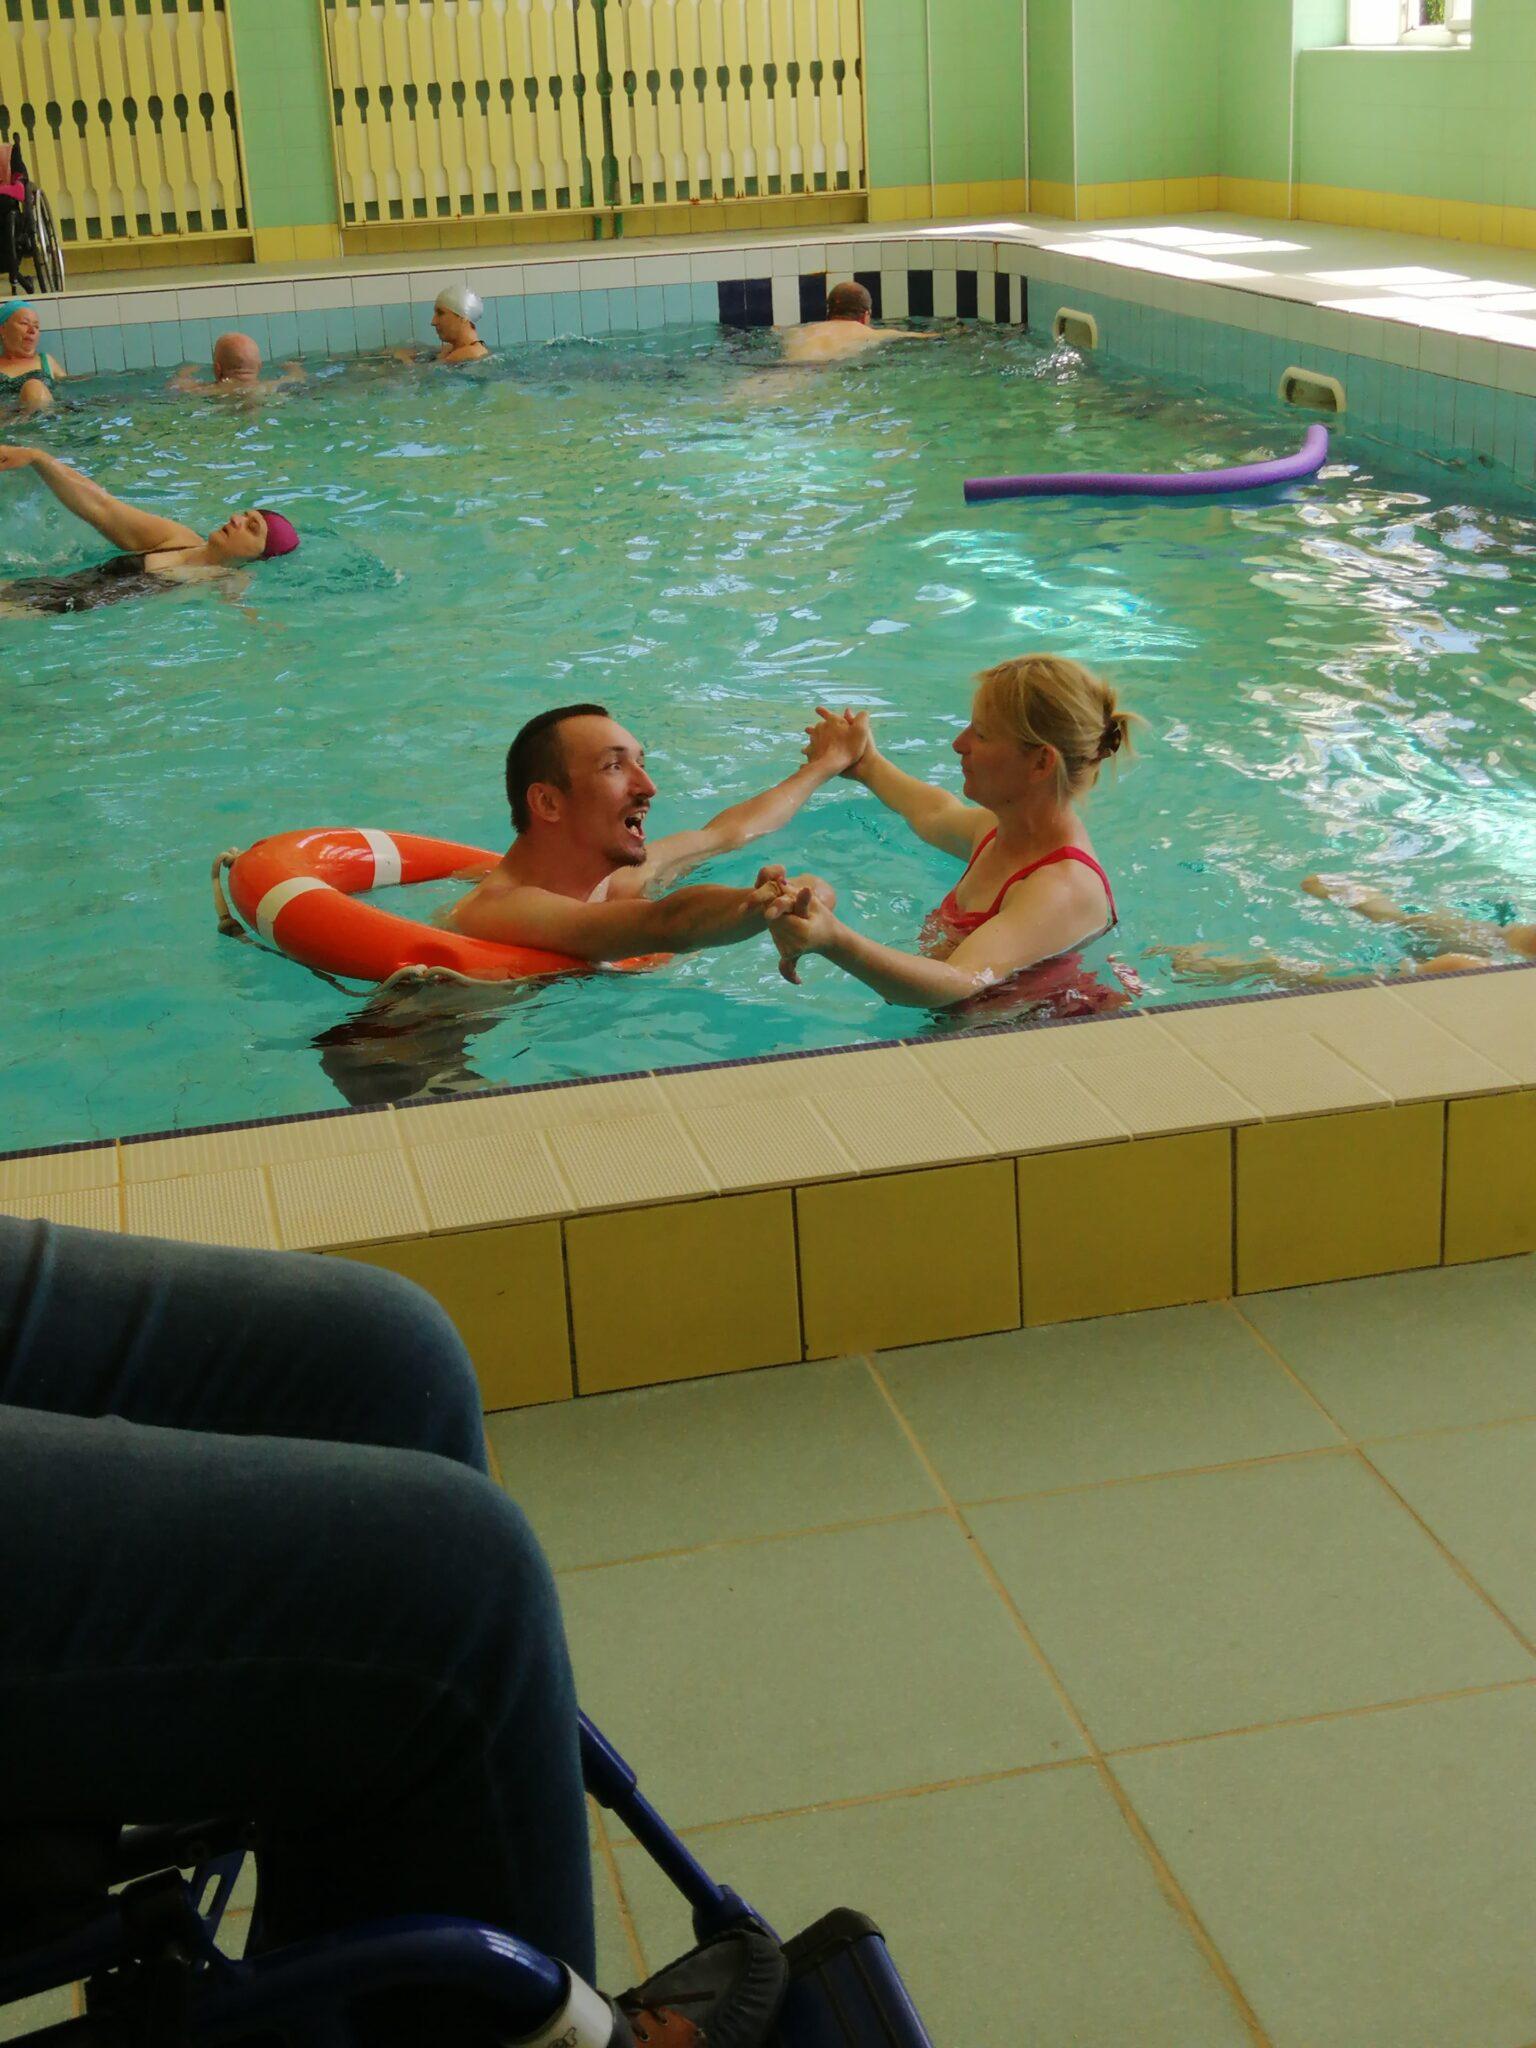 Zmysłowo zakręcony taniec w basenie